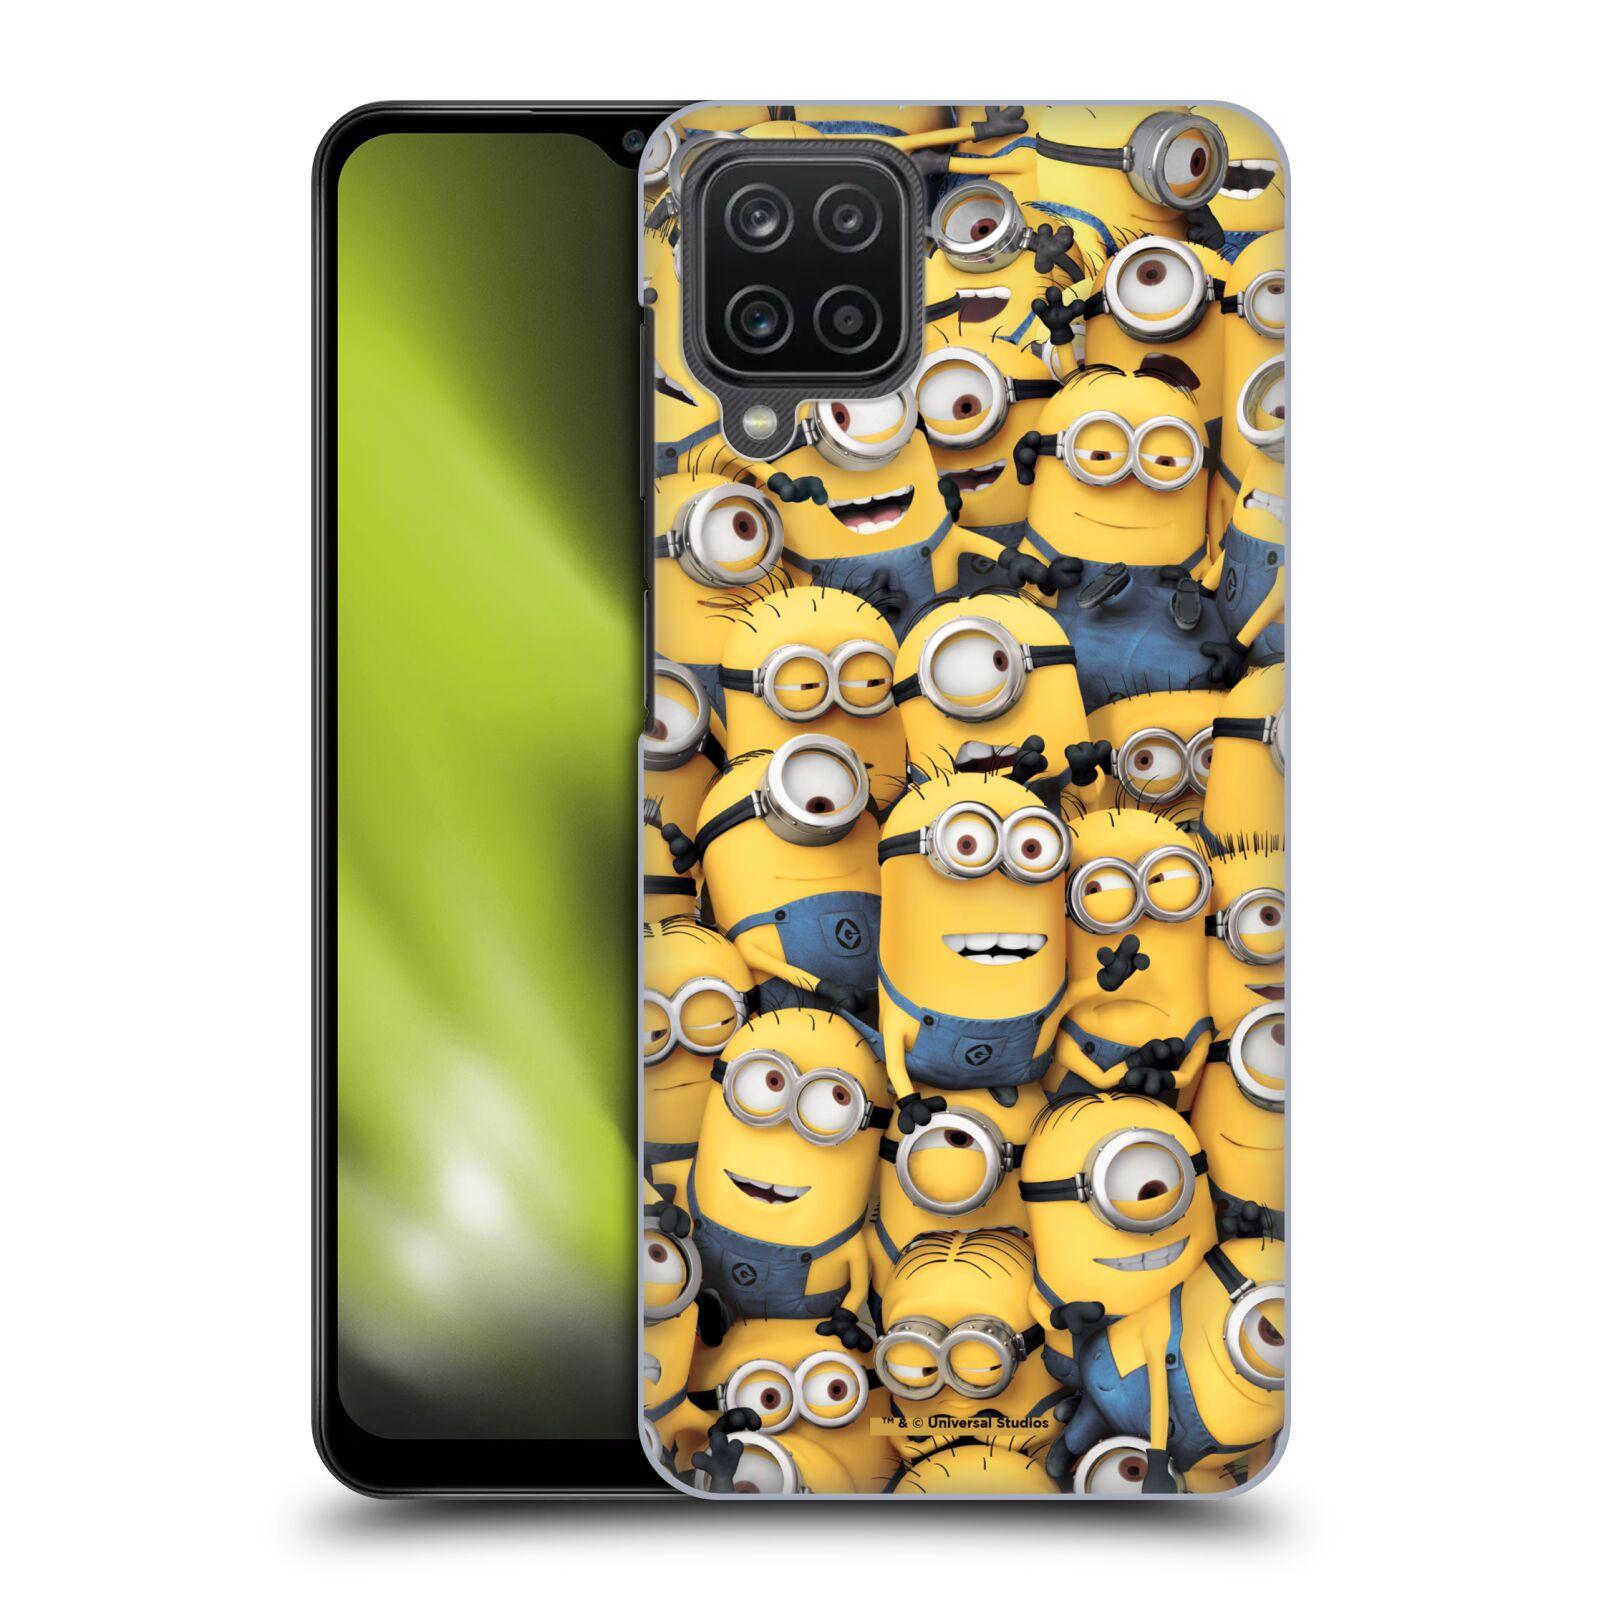 Plastové pouzdro na mobil Samsung Galaxy A12 - Head Case - Mimoni všude z filmu Já, padouch - Despicable Me